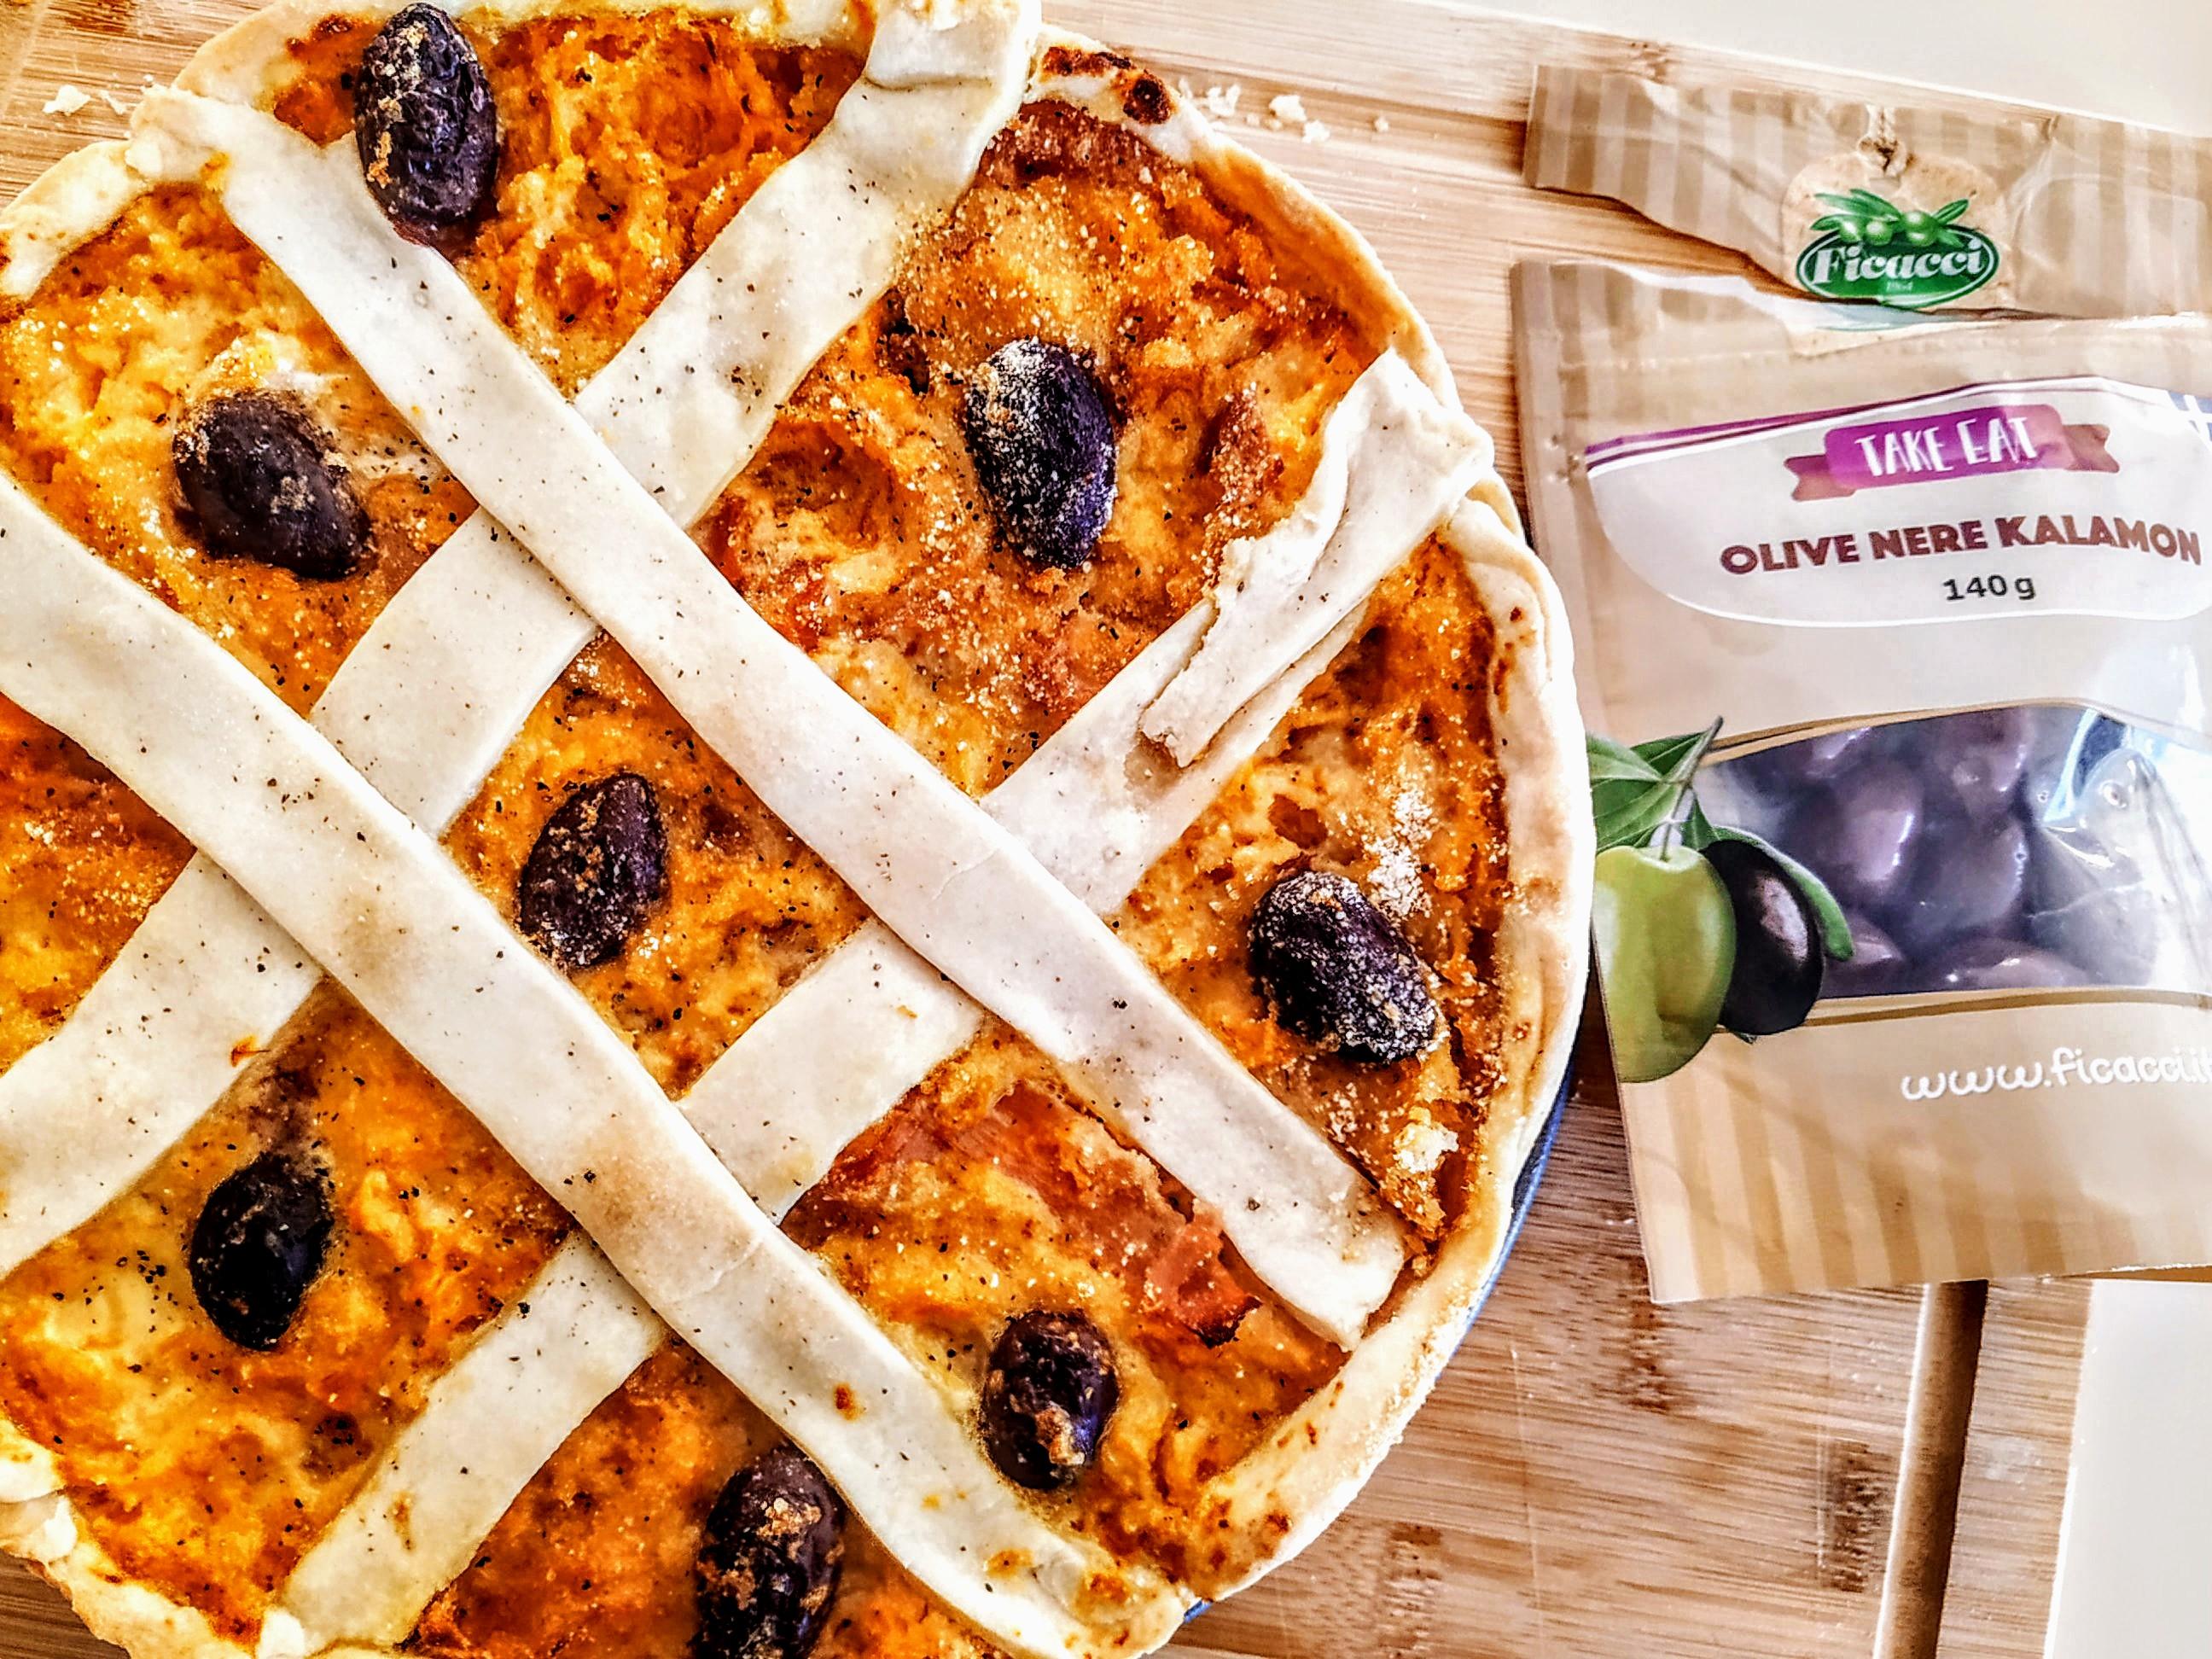 Quiche-con-zucca-prosciutto-crudo-e-olive-kalamon